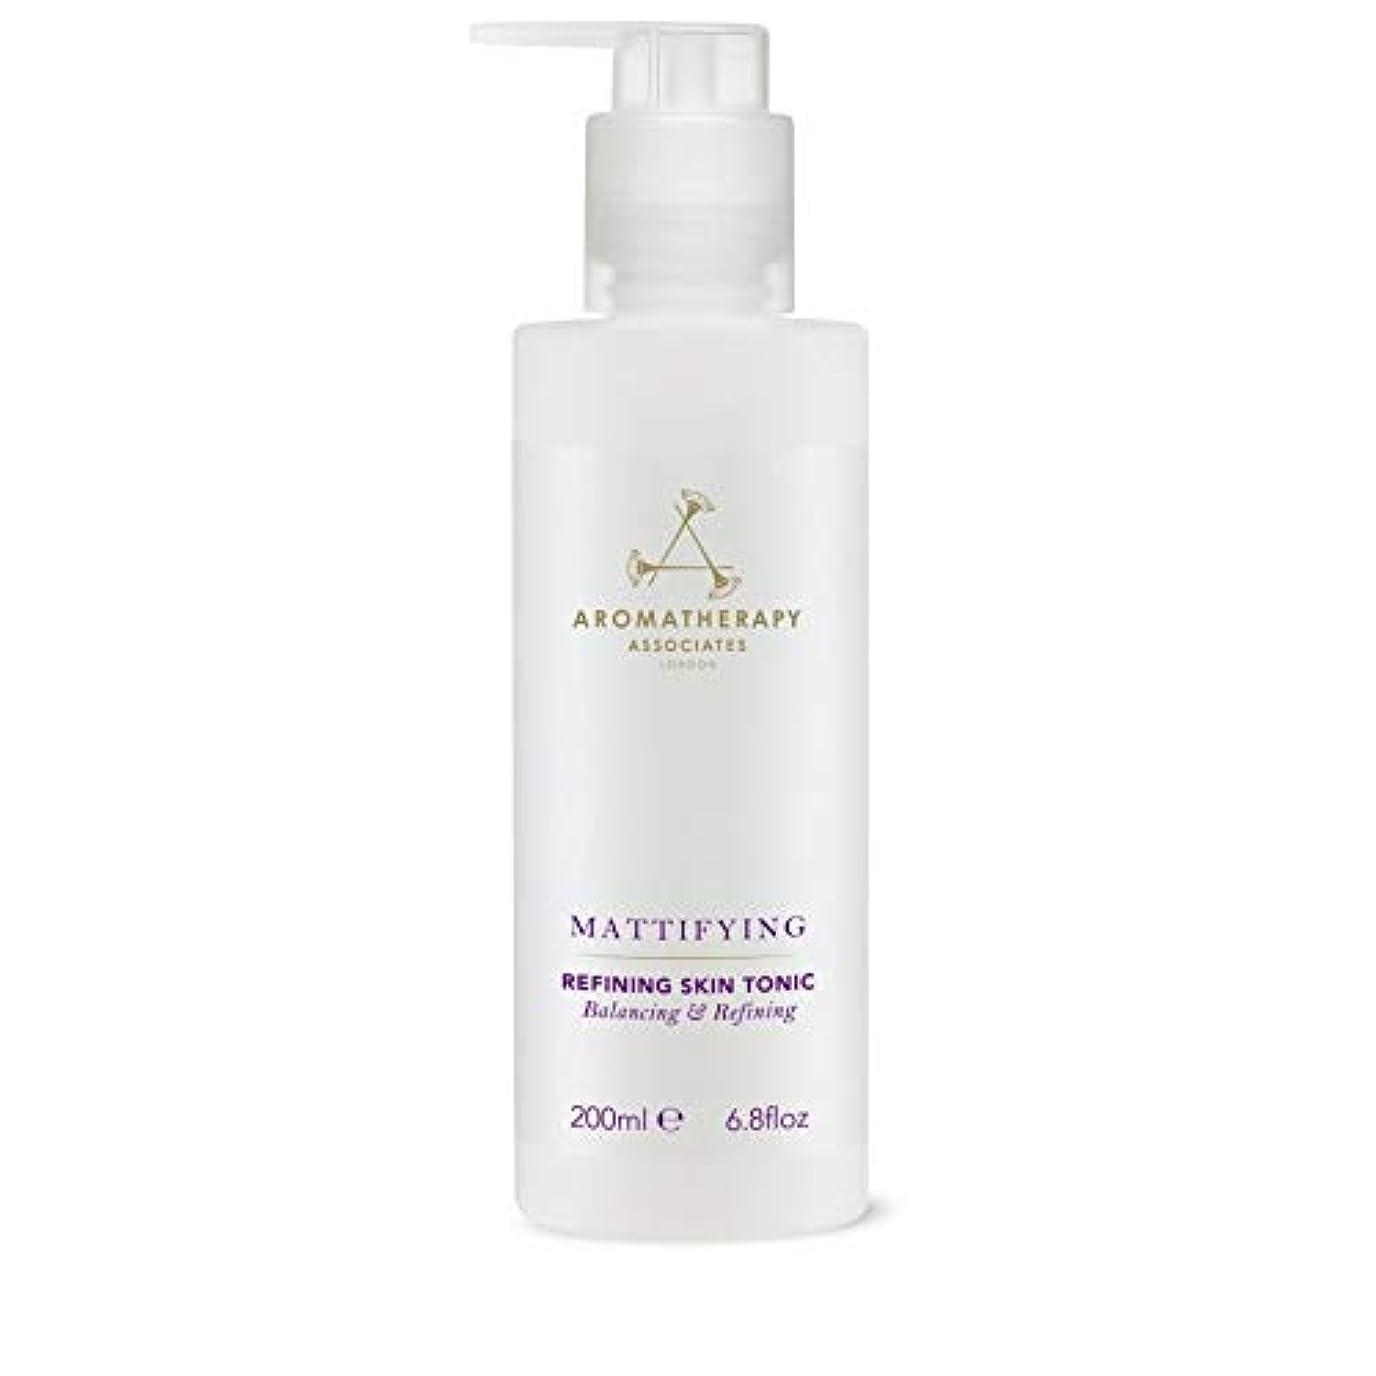 配管提供する誇張する[Aromatherapy Associates ] アロマセラピーアソシエイツ精錬皮膚の強壮剤、アロマセラピーアソシエイツ - Aromatherapy Associates Refining Skin Tonic,...